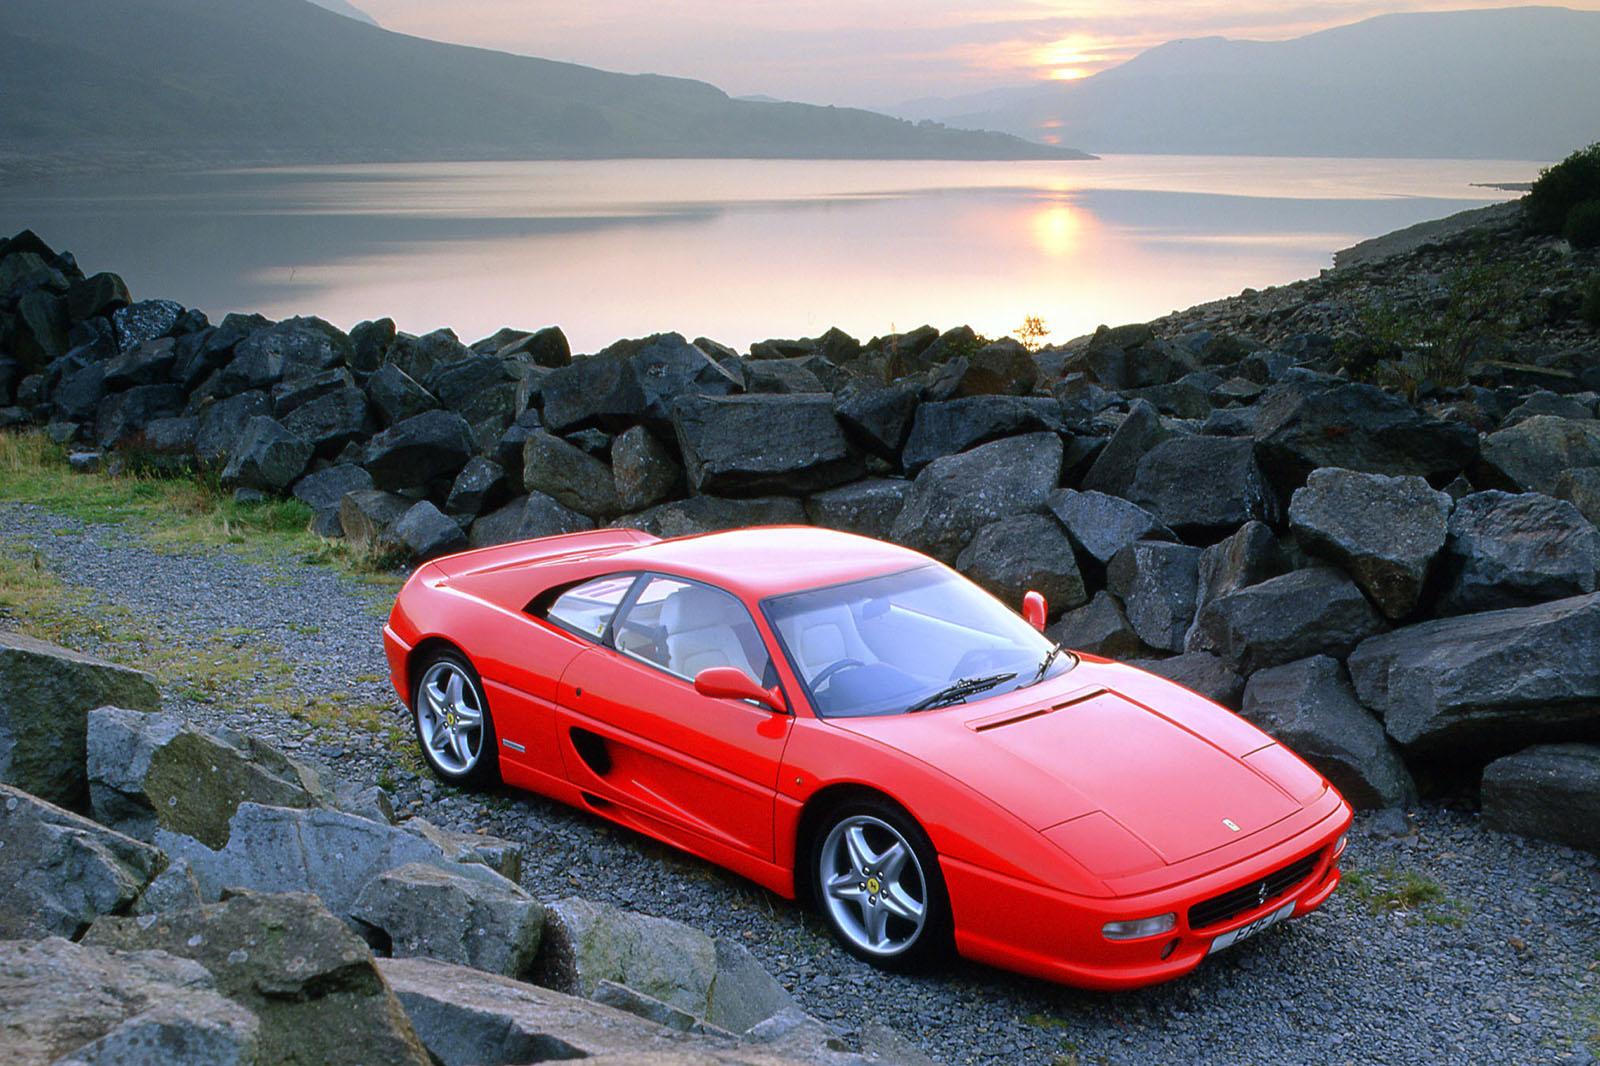 used car buying guide ferrari f355 autocar rh autocar co uk Ferrari 550 Ferrari 550